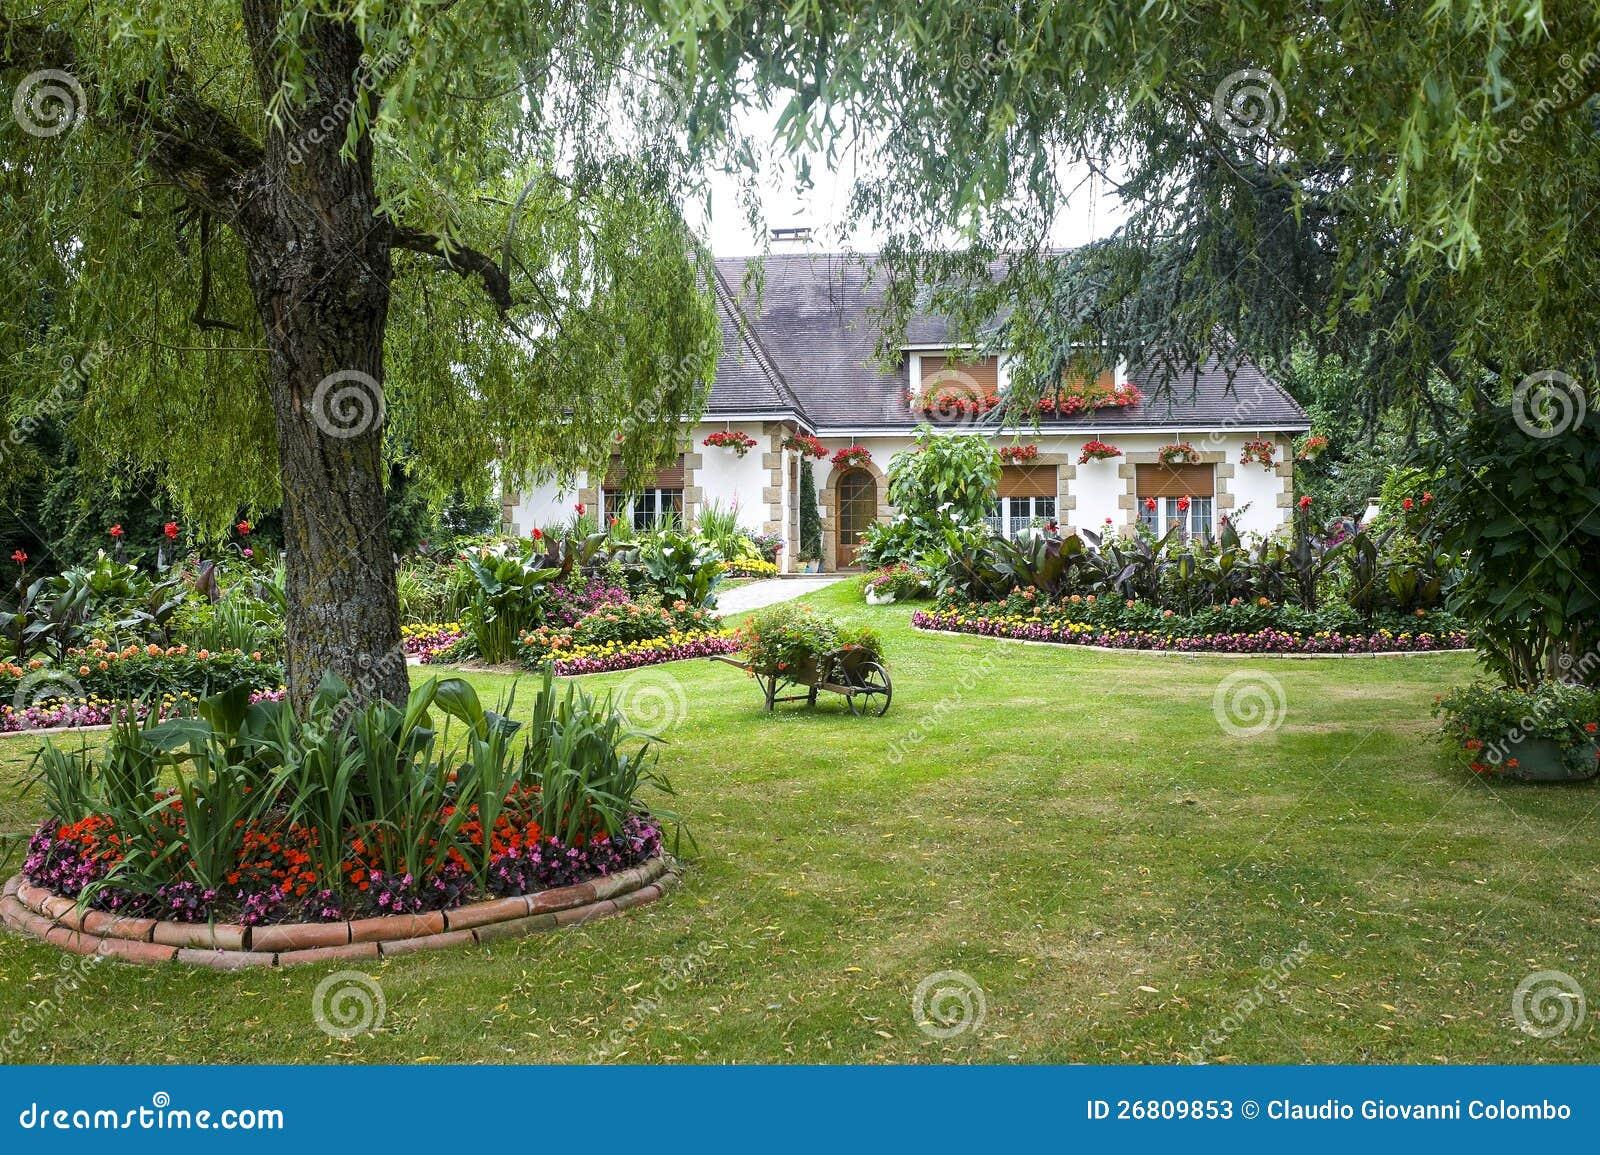 Evron House And Garden Stock Photos Image 26809853